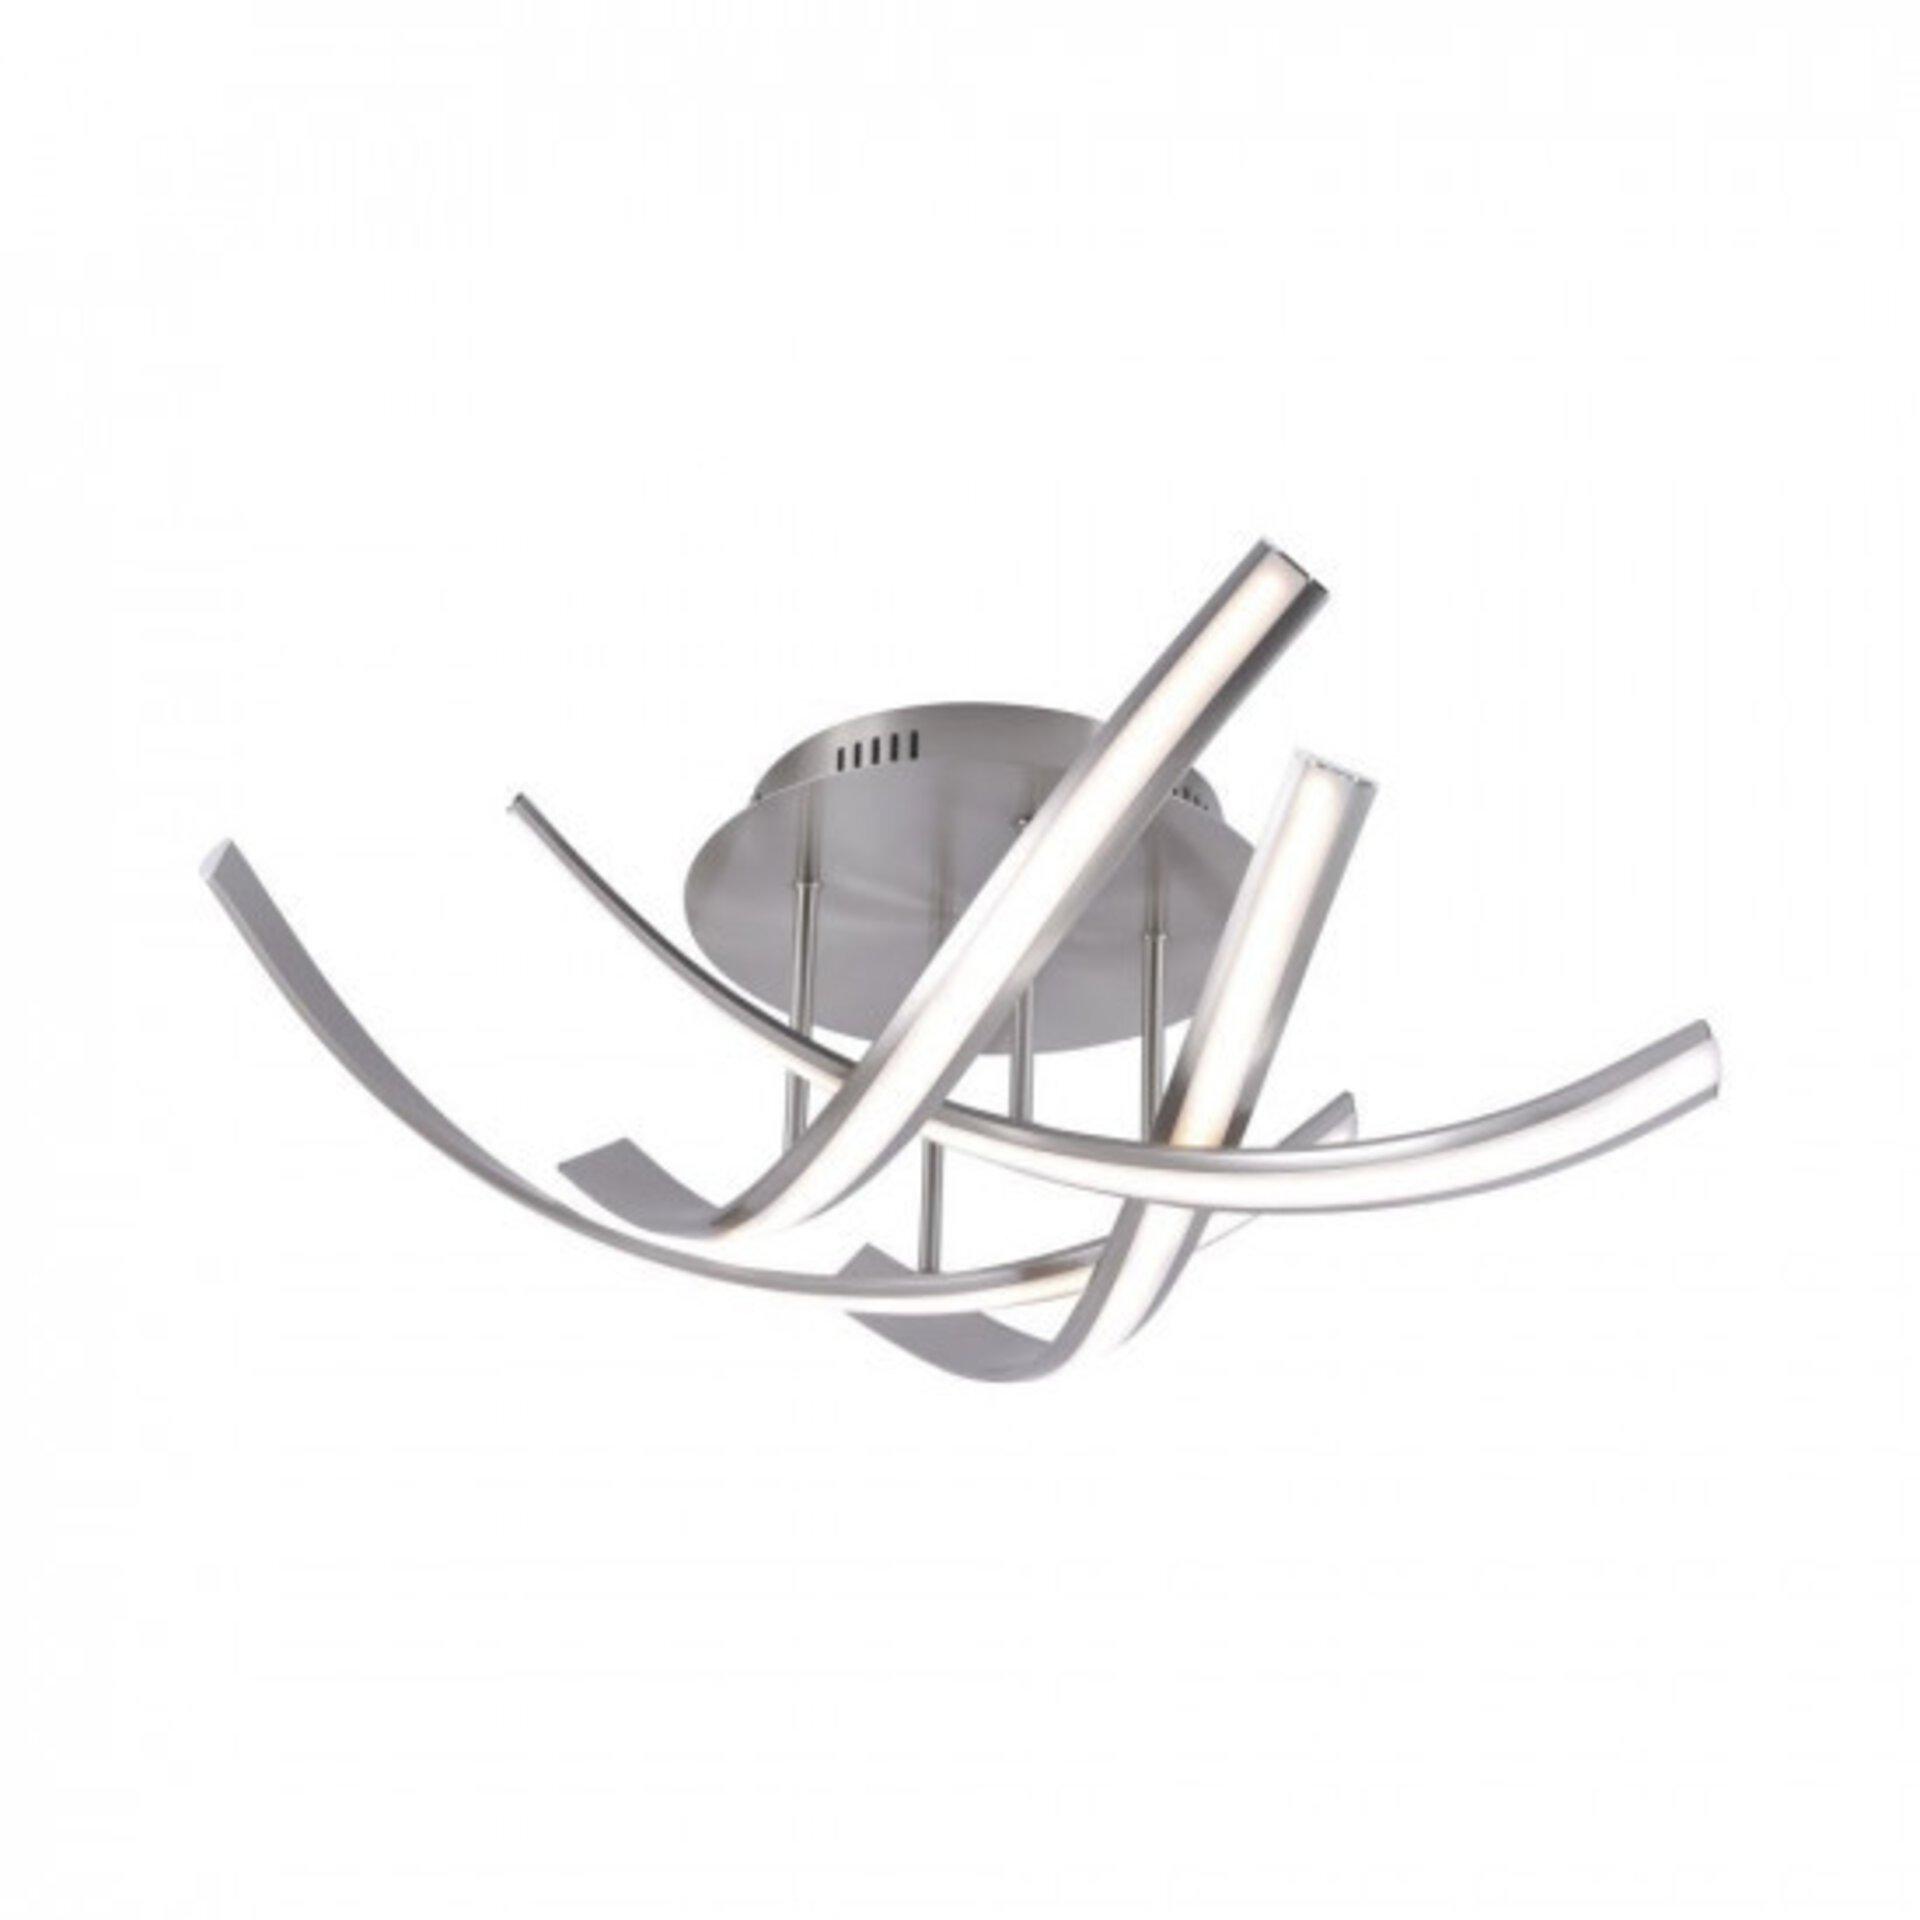 Deckenleuchte LINDA Paul Neuhaus Metall silber 73 x 20 x 73 cm